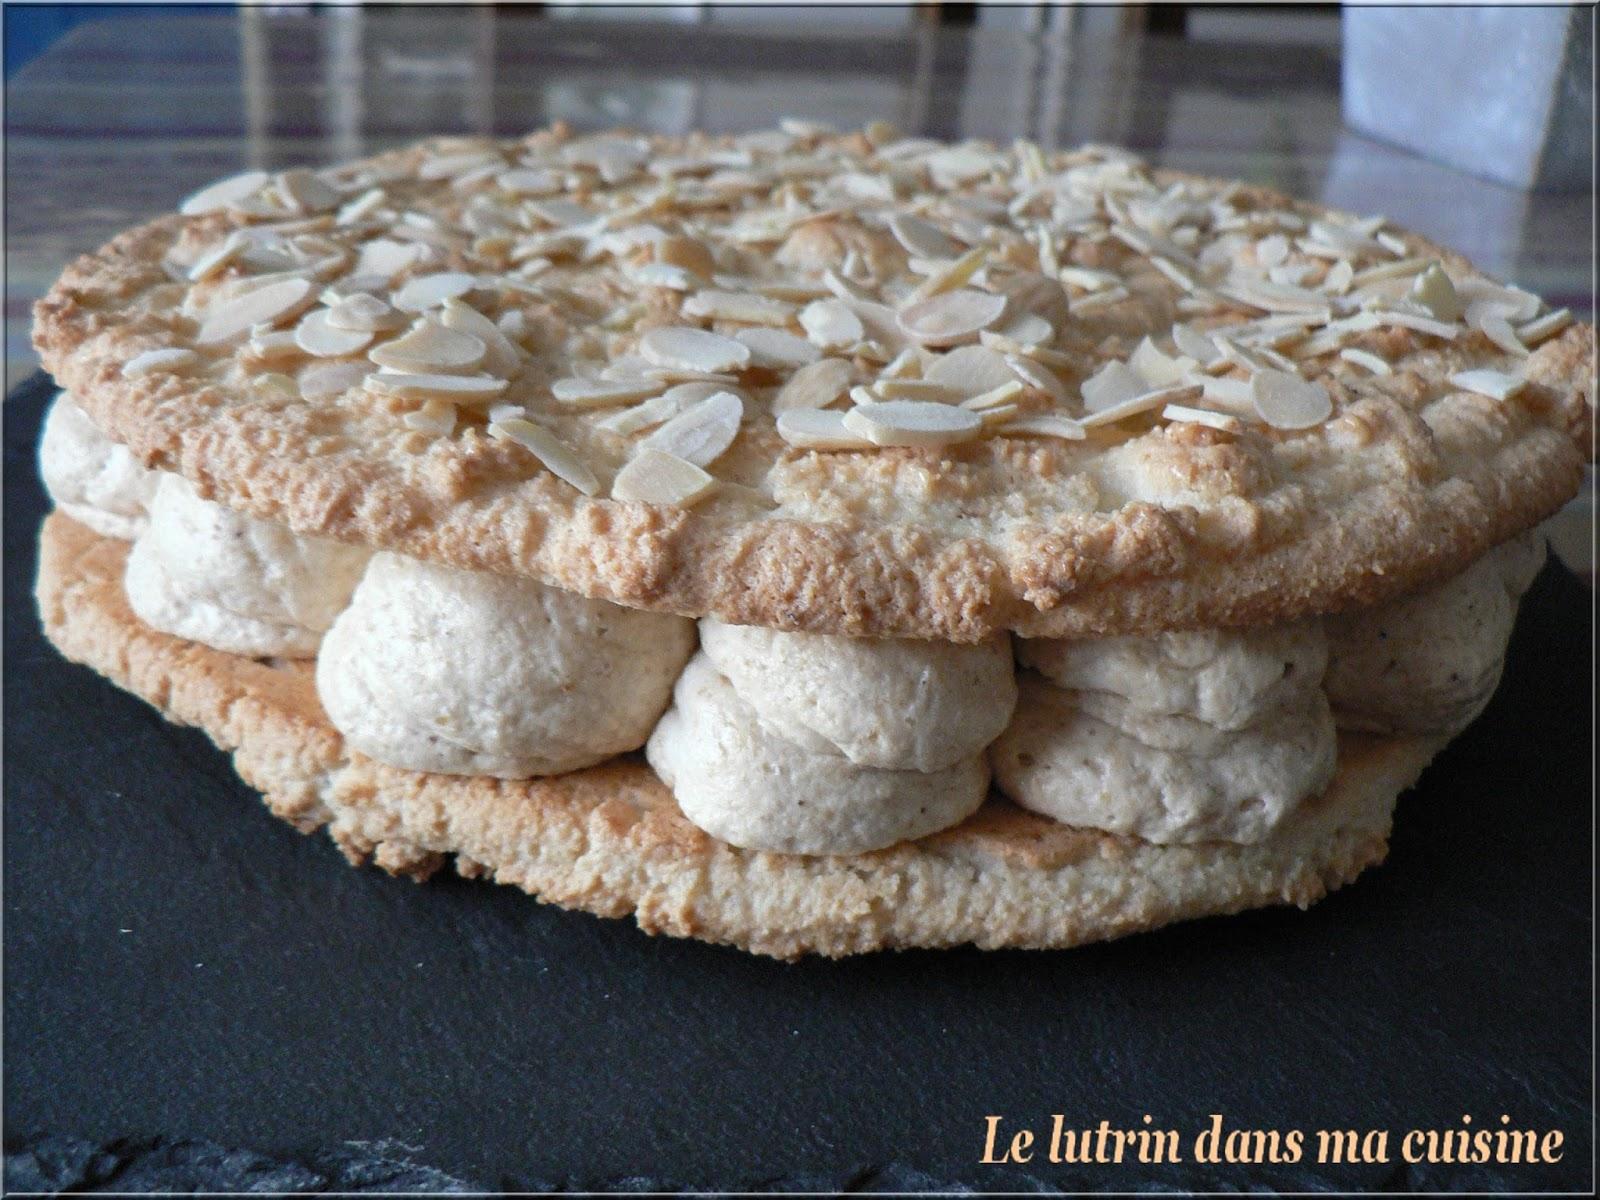 Le lutrin dans ma cuisine succes aux noix for Asticots dans ma cuisine